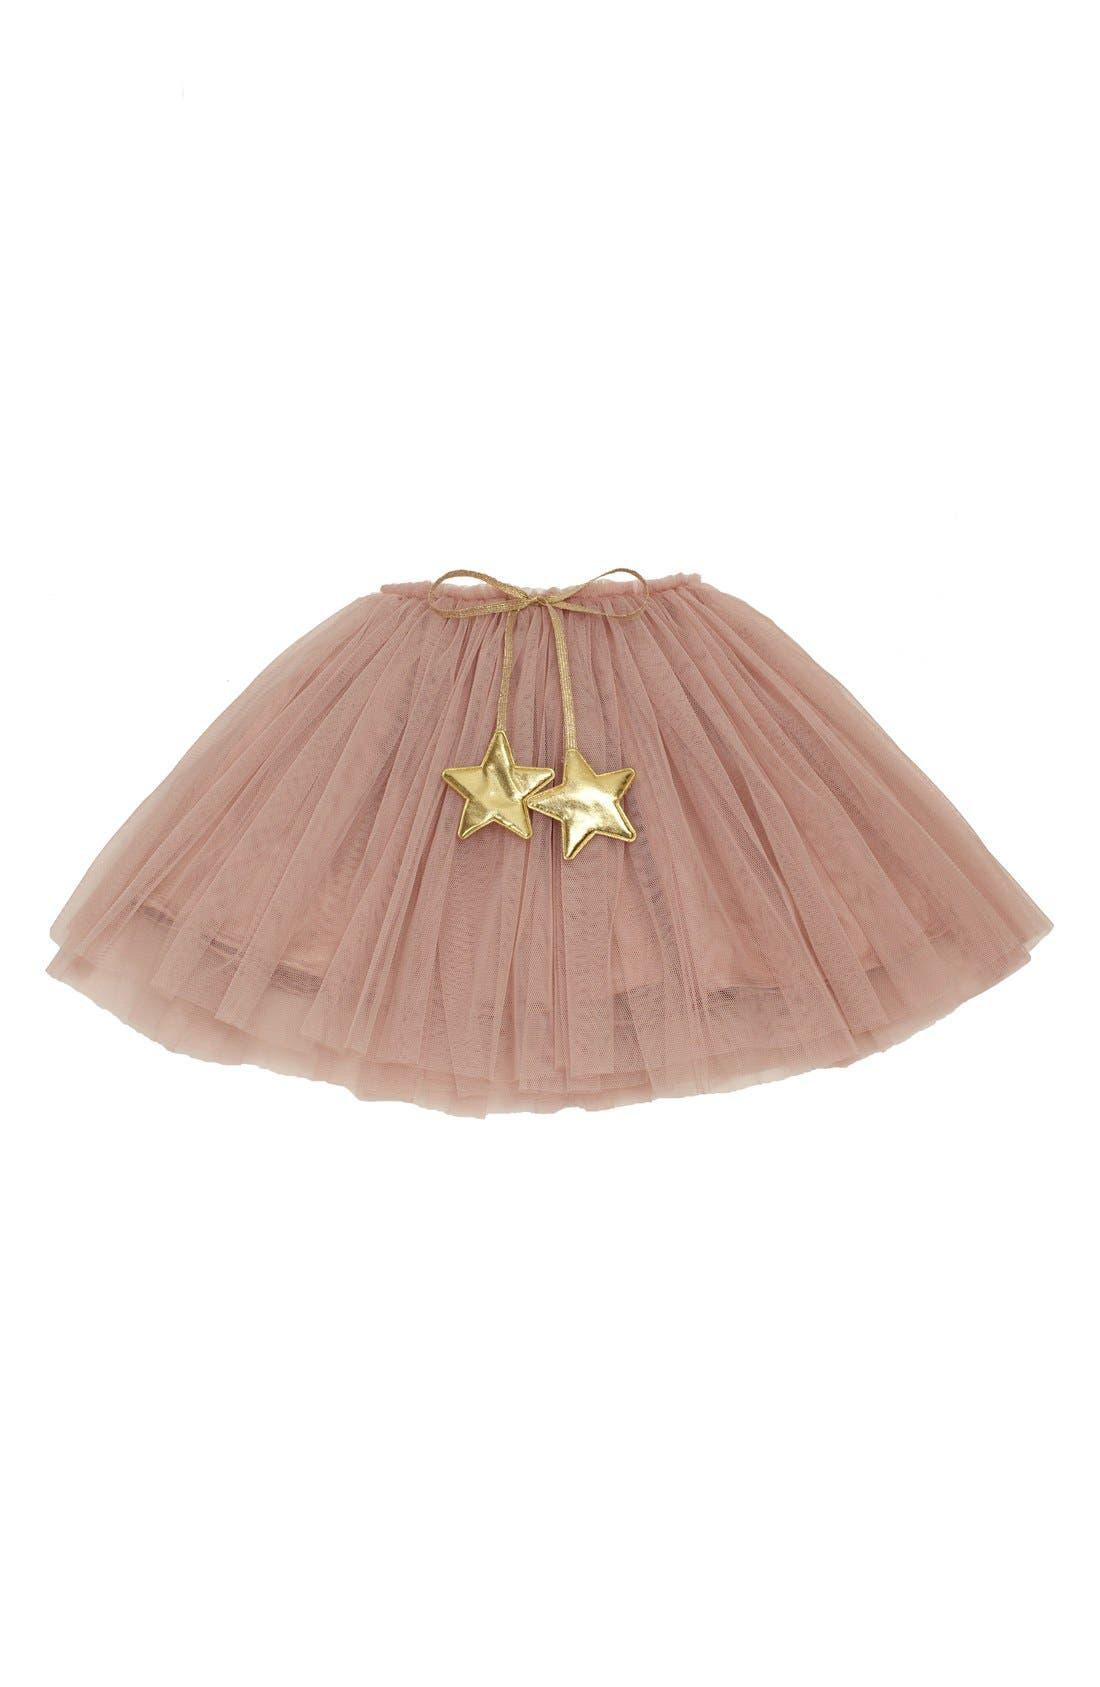 Alternate Image 1 Selected - POCHEW Star Tutu (Toddler Girls & Little Girls)